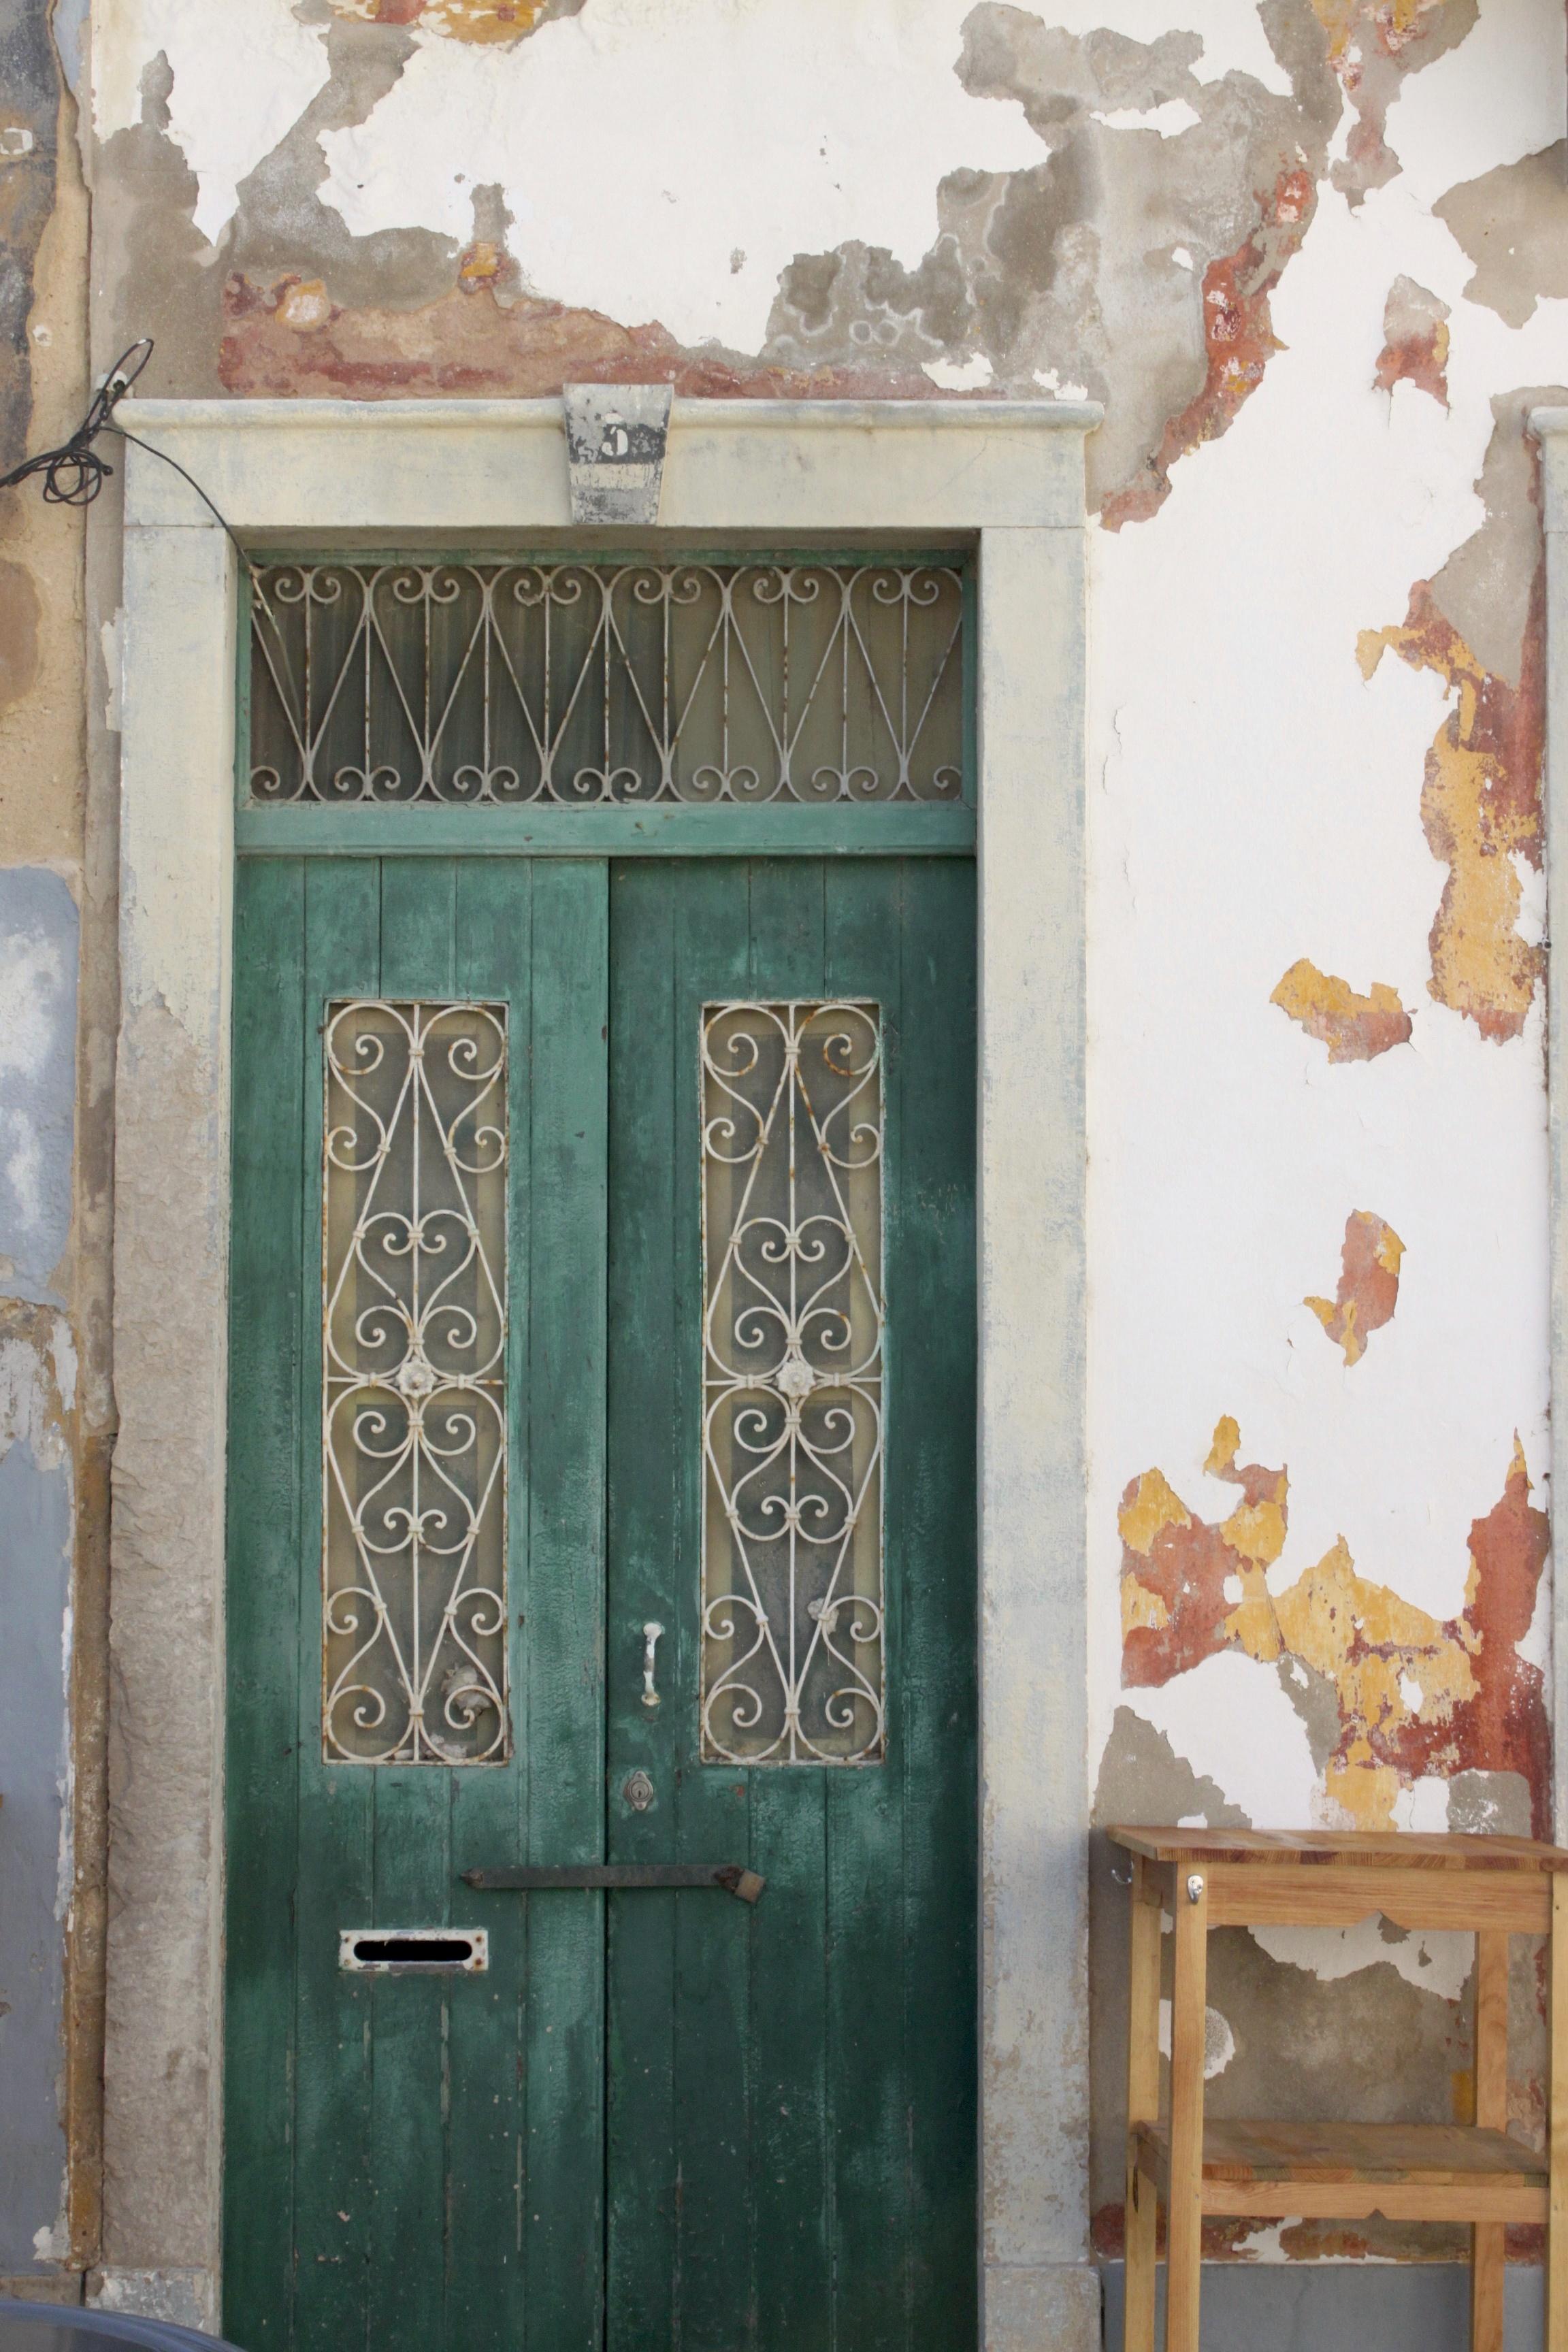 Porticine verdi coi riccioli e il muro che è un acquerello astratto